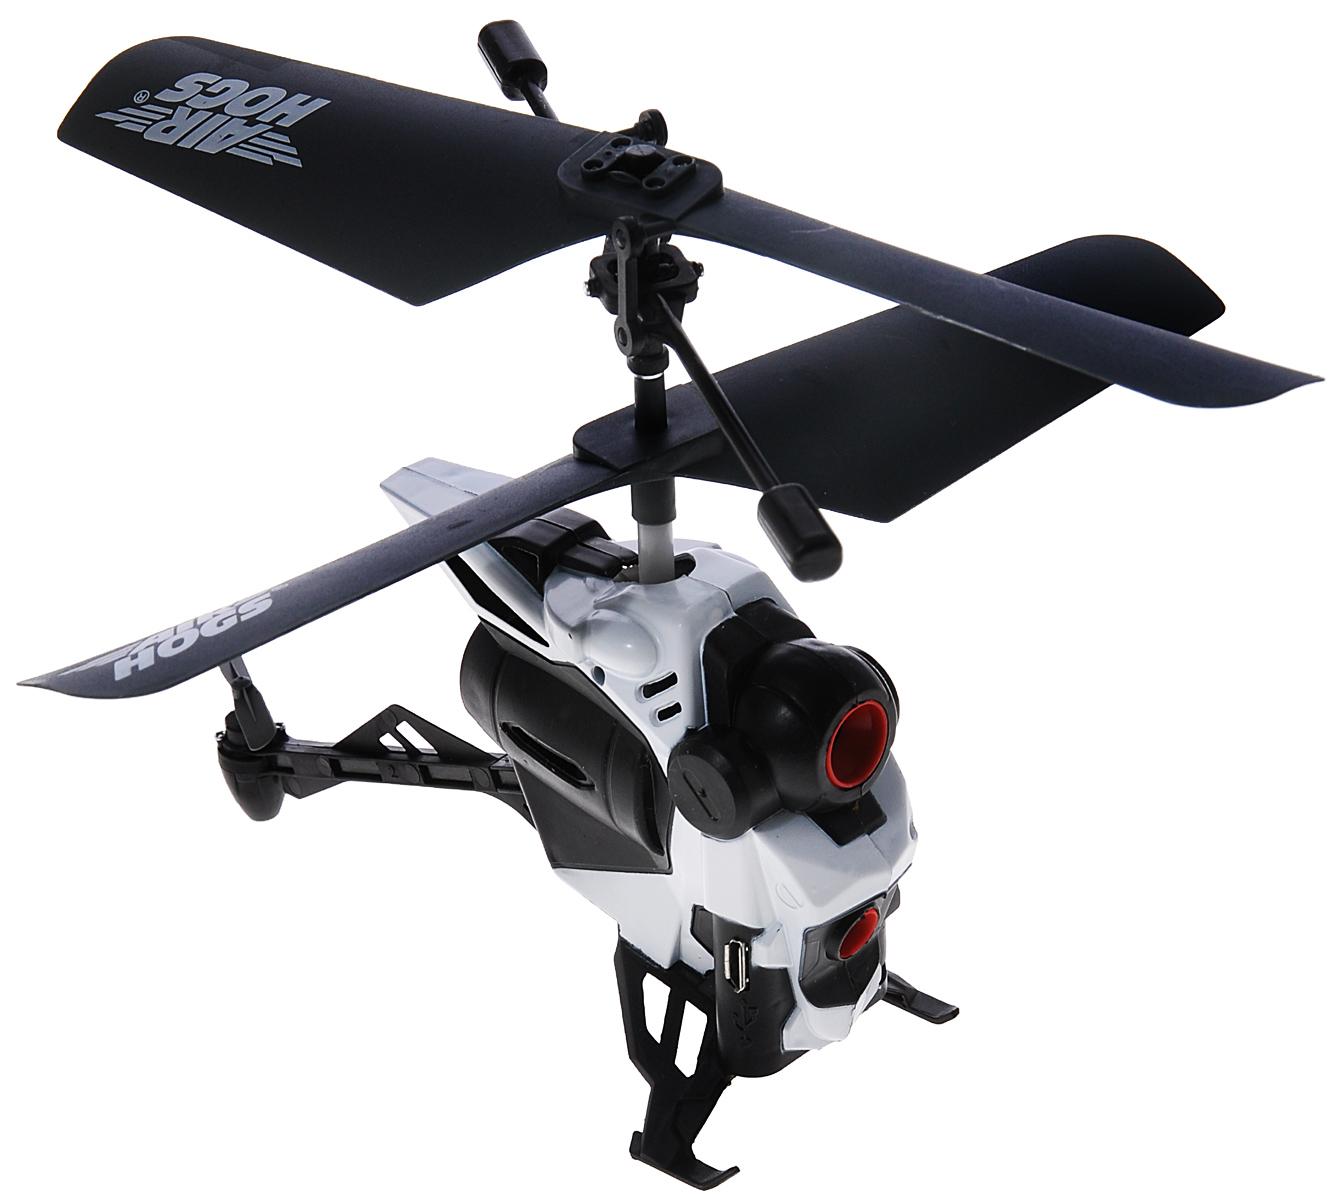 Air Hogs Вертолет на радиоуправлении Altitude Video Drone